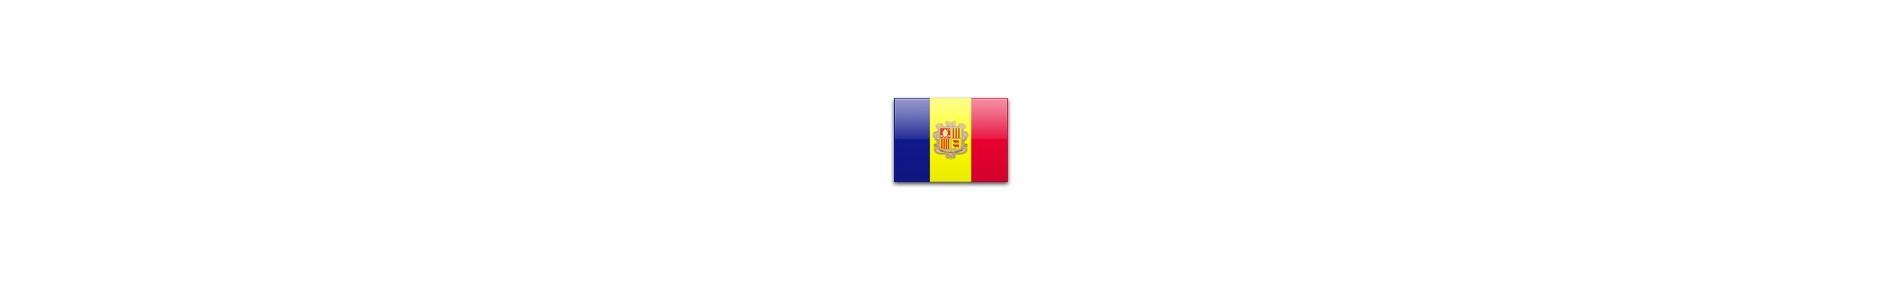 Andorra Vegueria